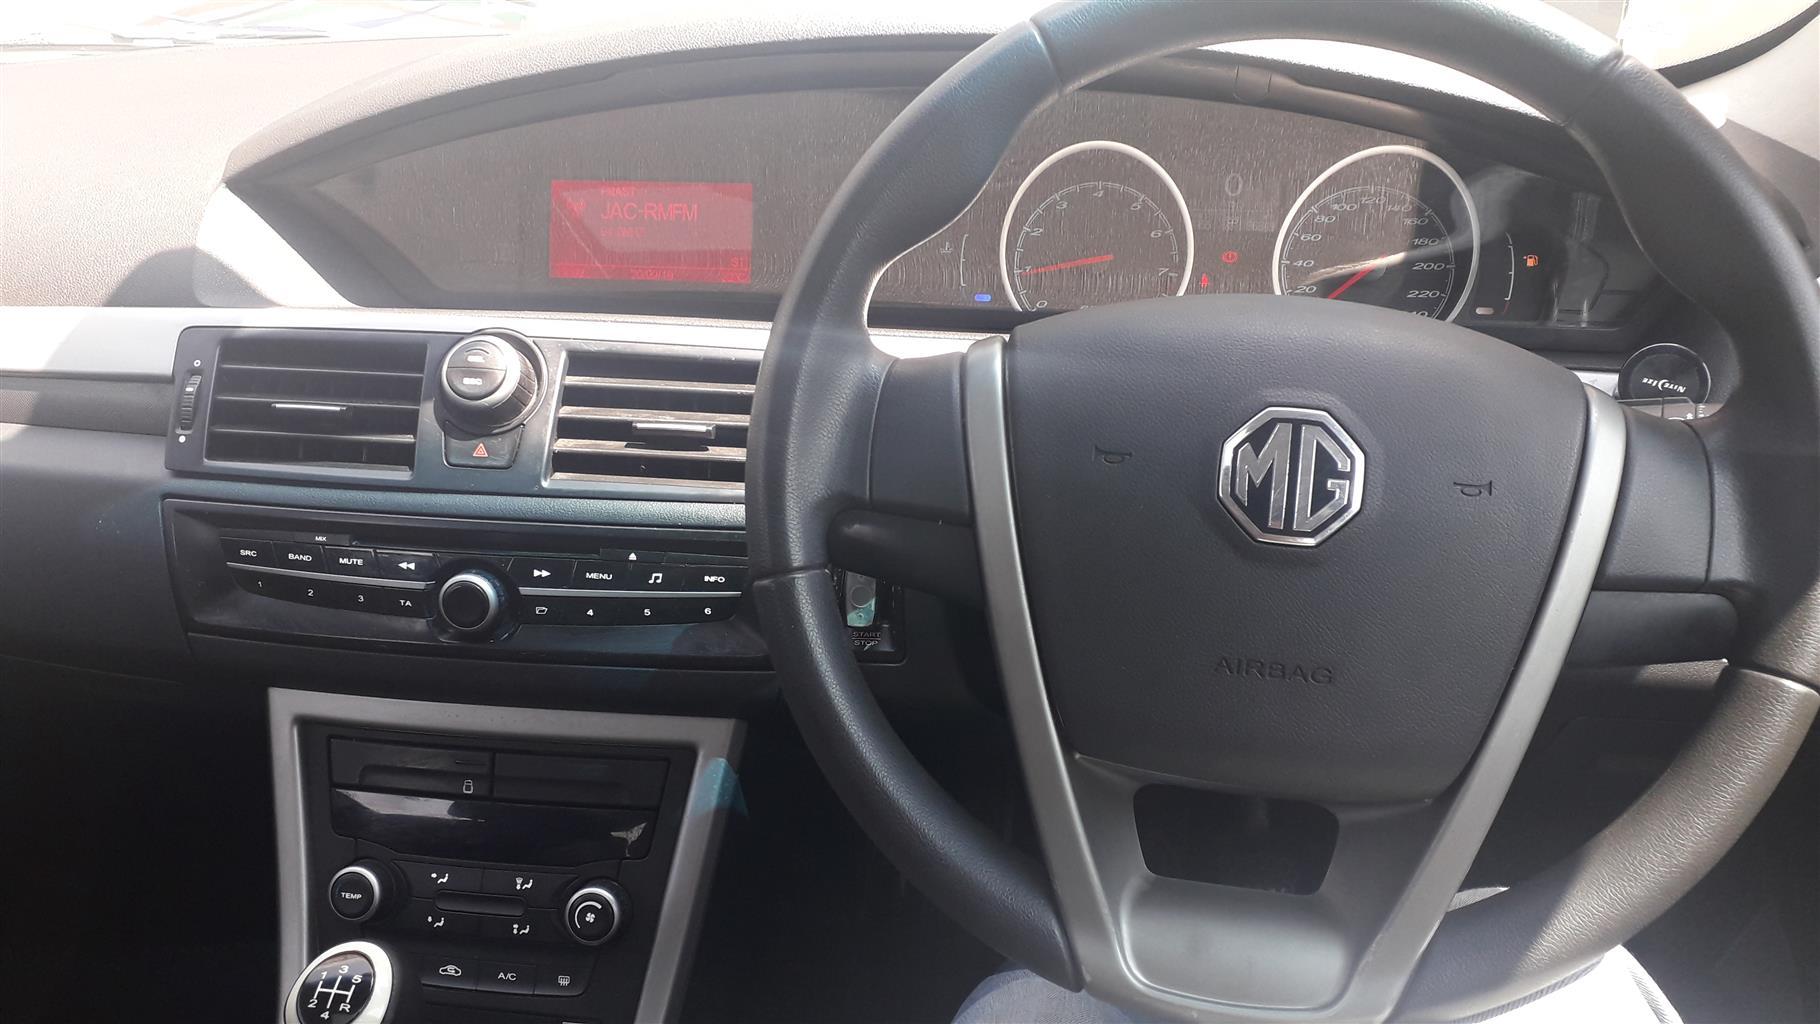 2015 MG MG 6 MG6 fastback 1.8T Comfort